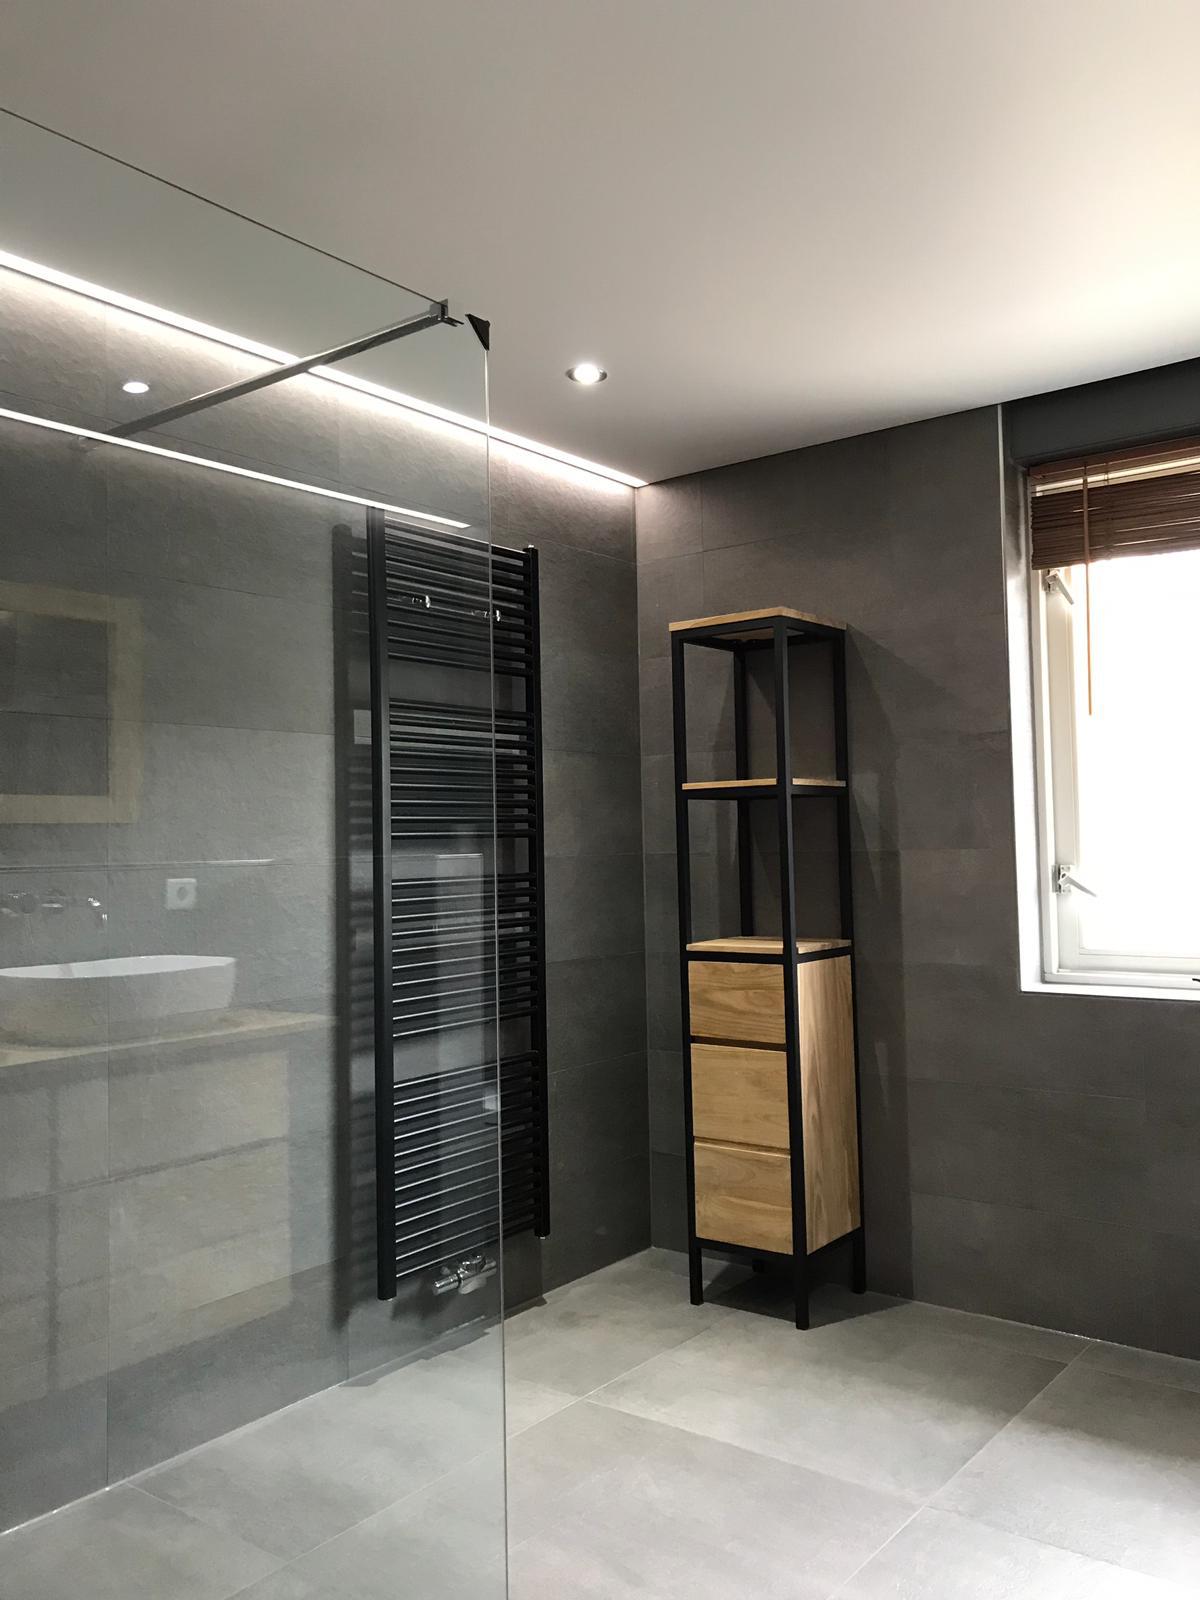 spanplafond biedt een strak resultaat in uw badkamer